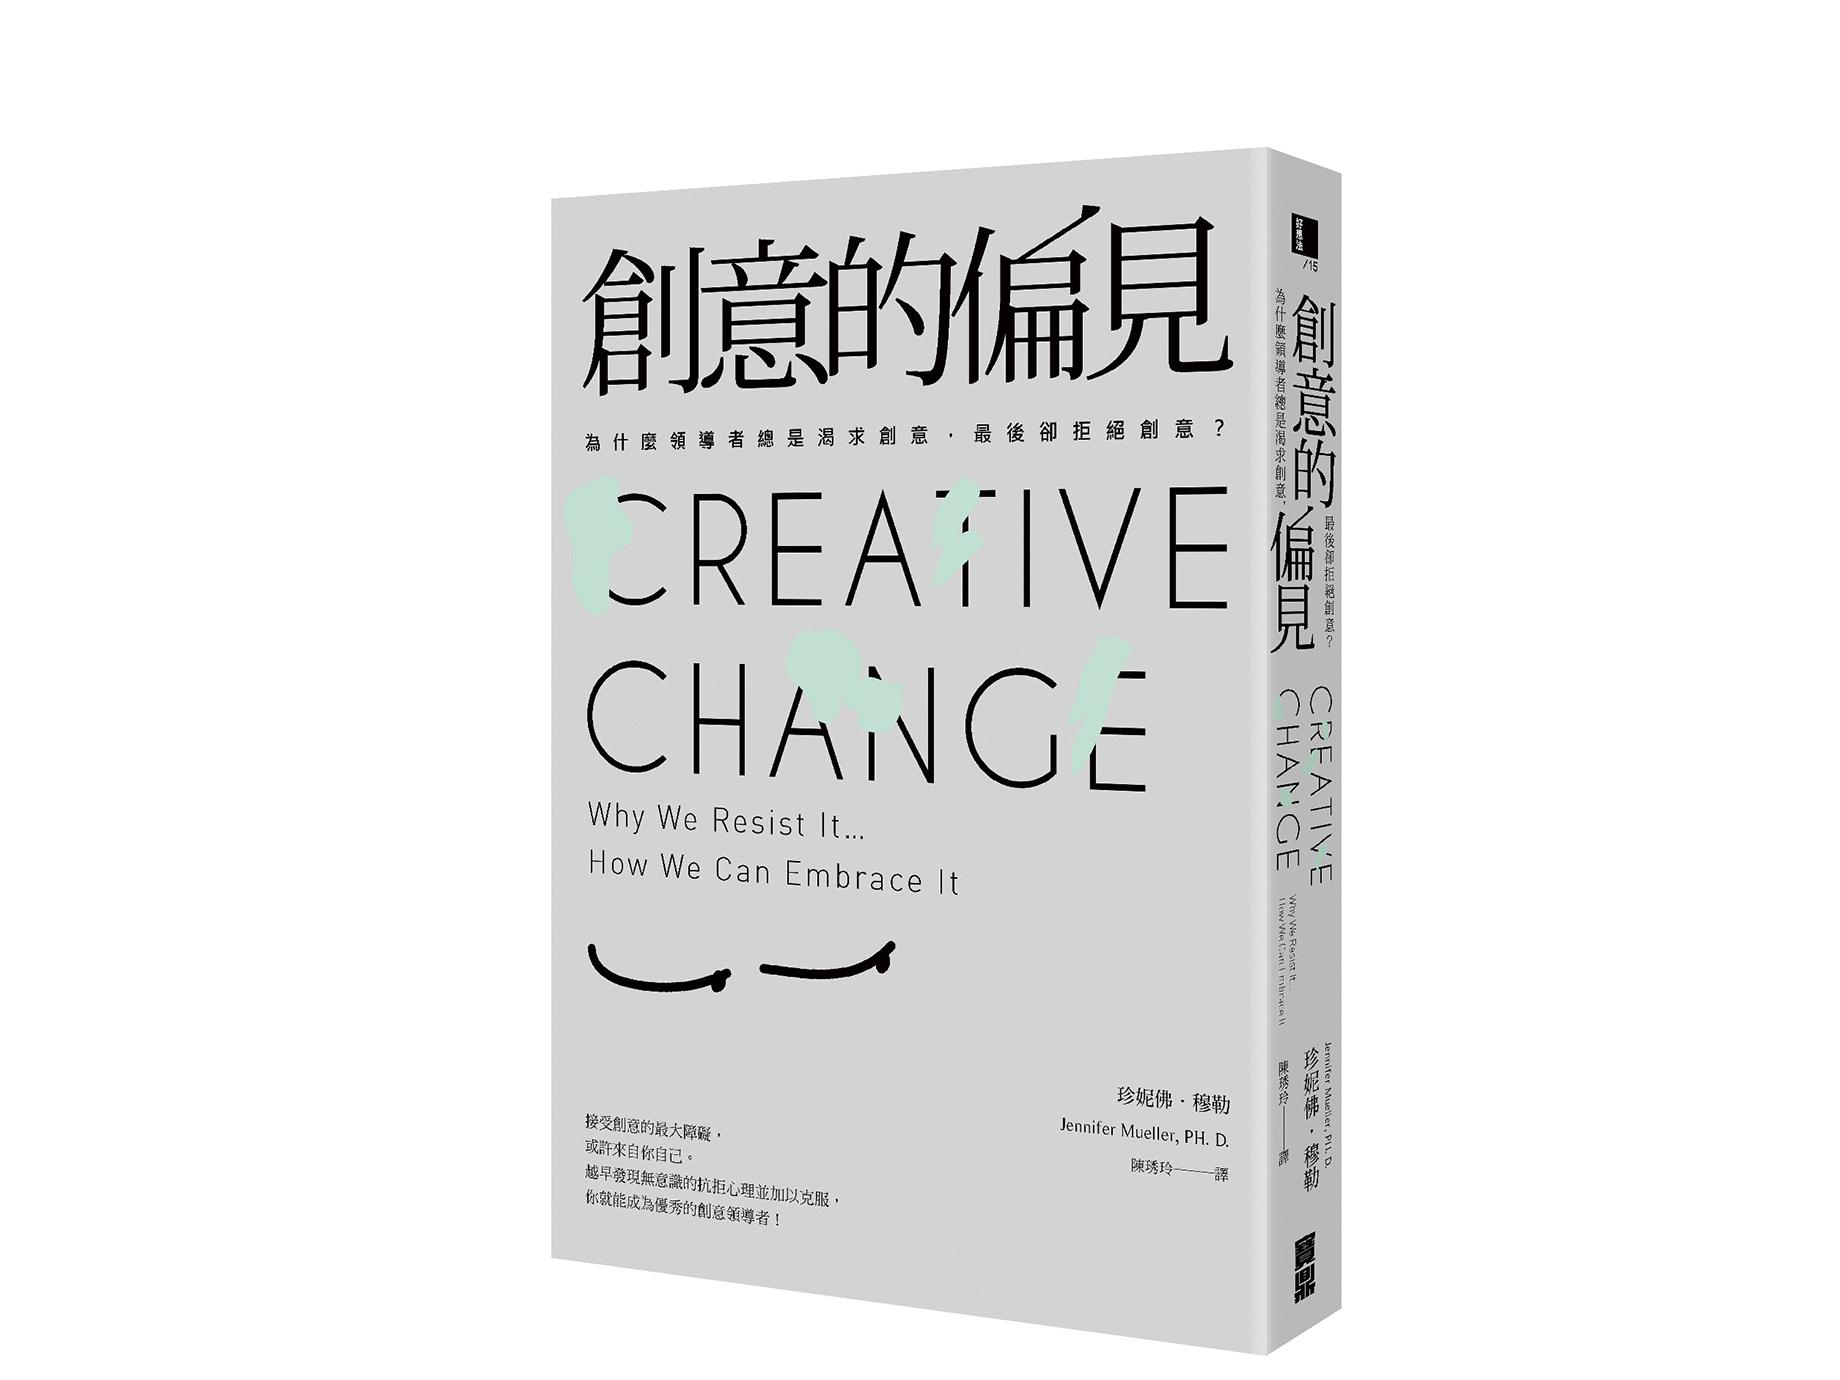 新書搶先看》令人震驚的真相——人們崇拜創意,卻不信任創意